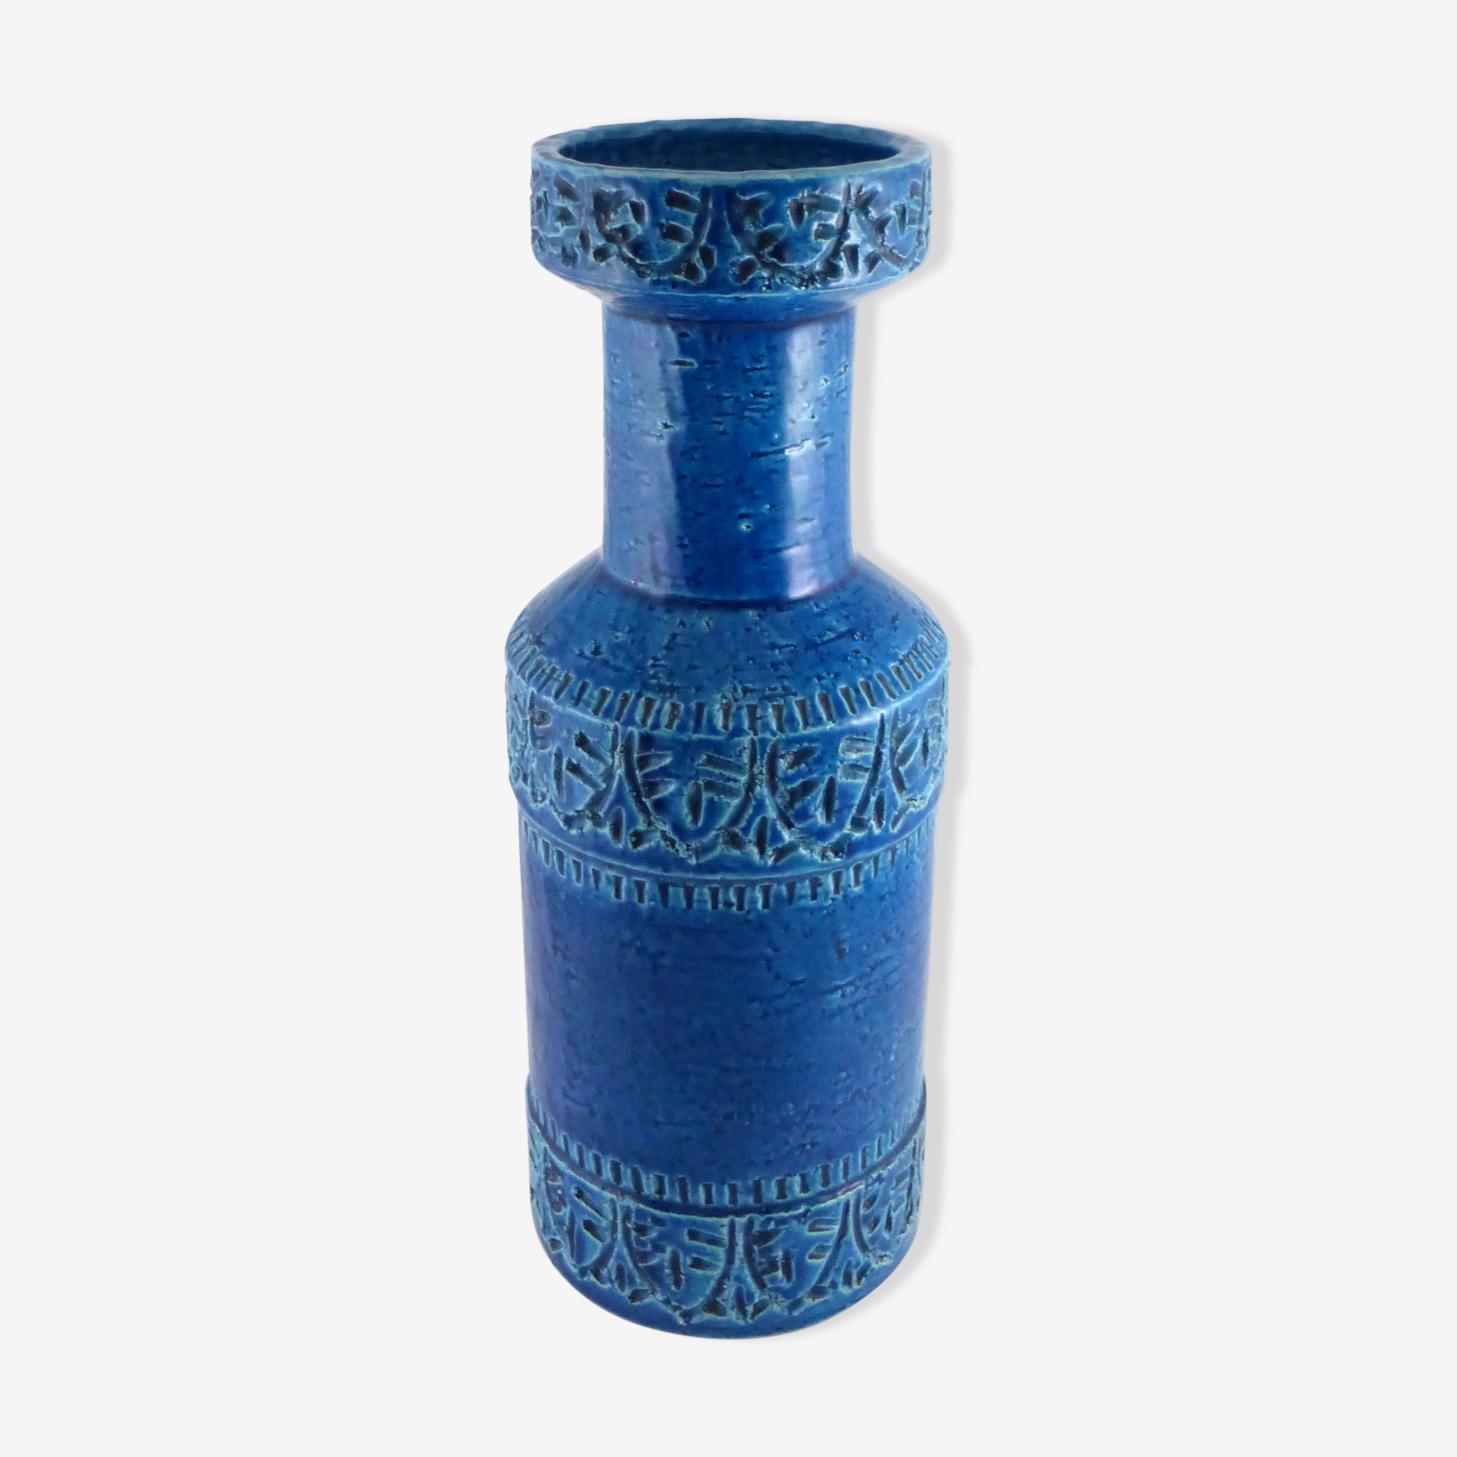 Vase en céramique Bitossi, Aldo Londi série Rimini blu de la fin des années 60